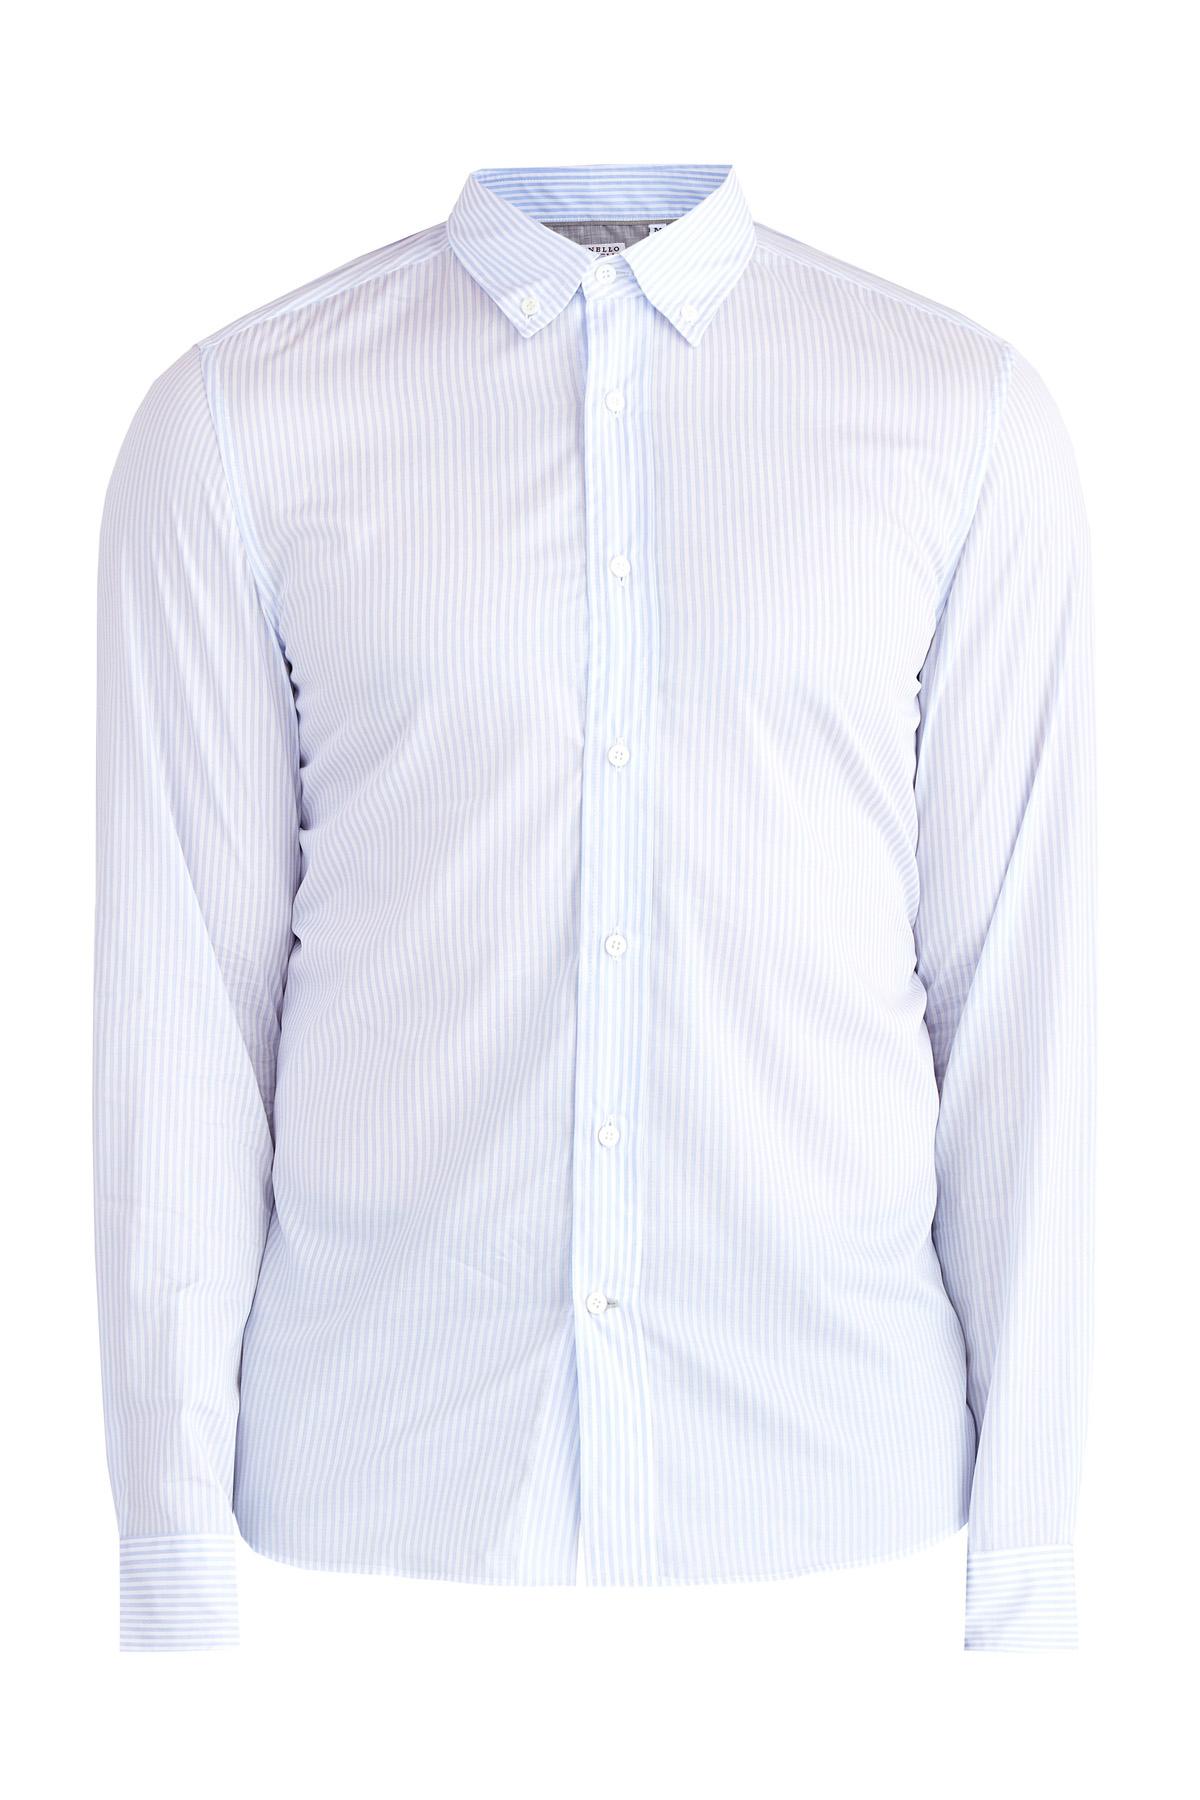 Рубашка в повседневном стиле из хлопка с воротом-стойкой на пуговицах